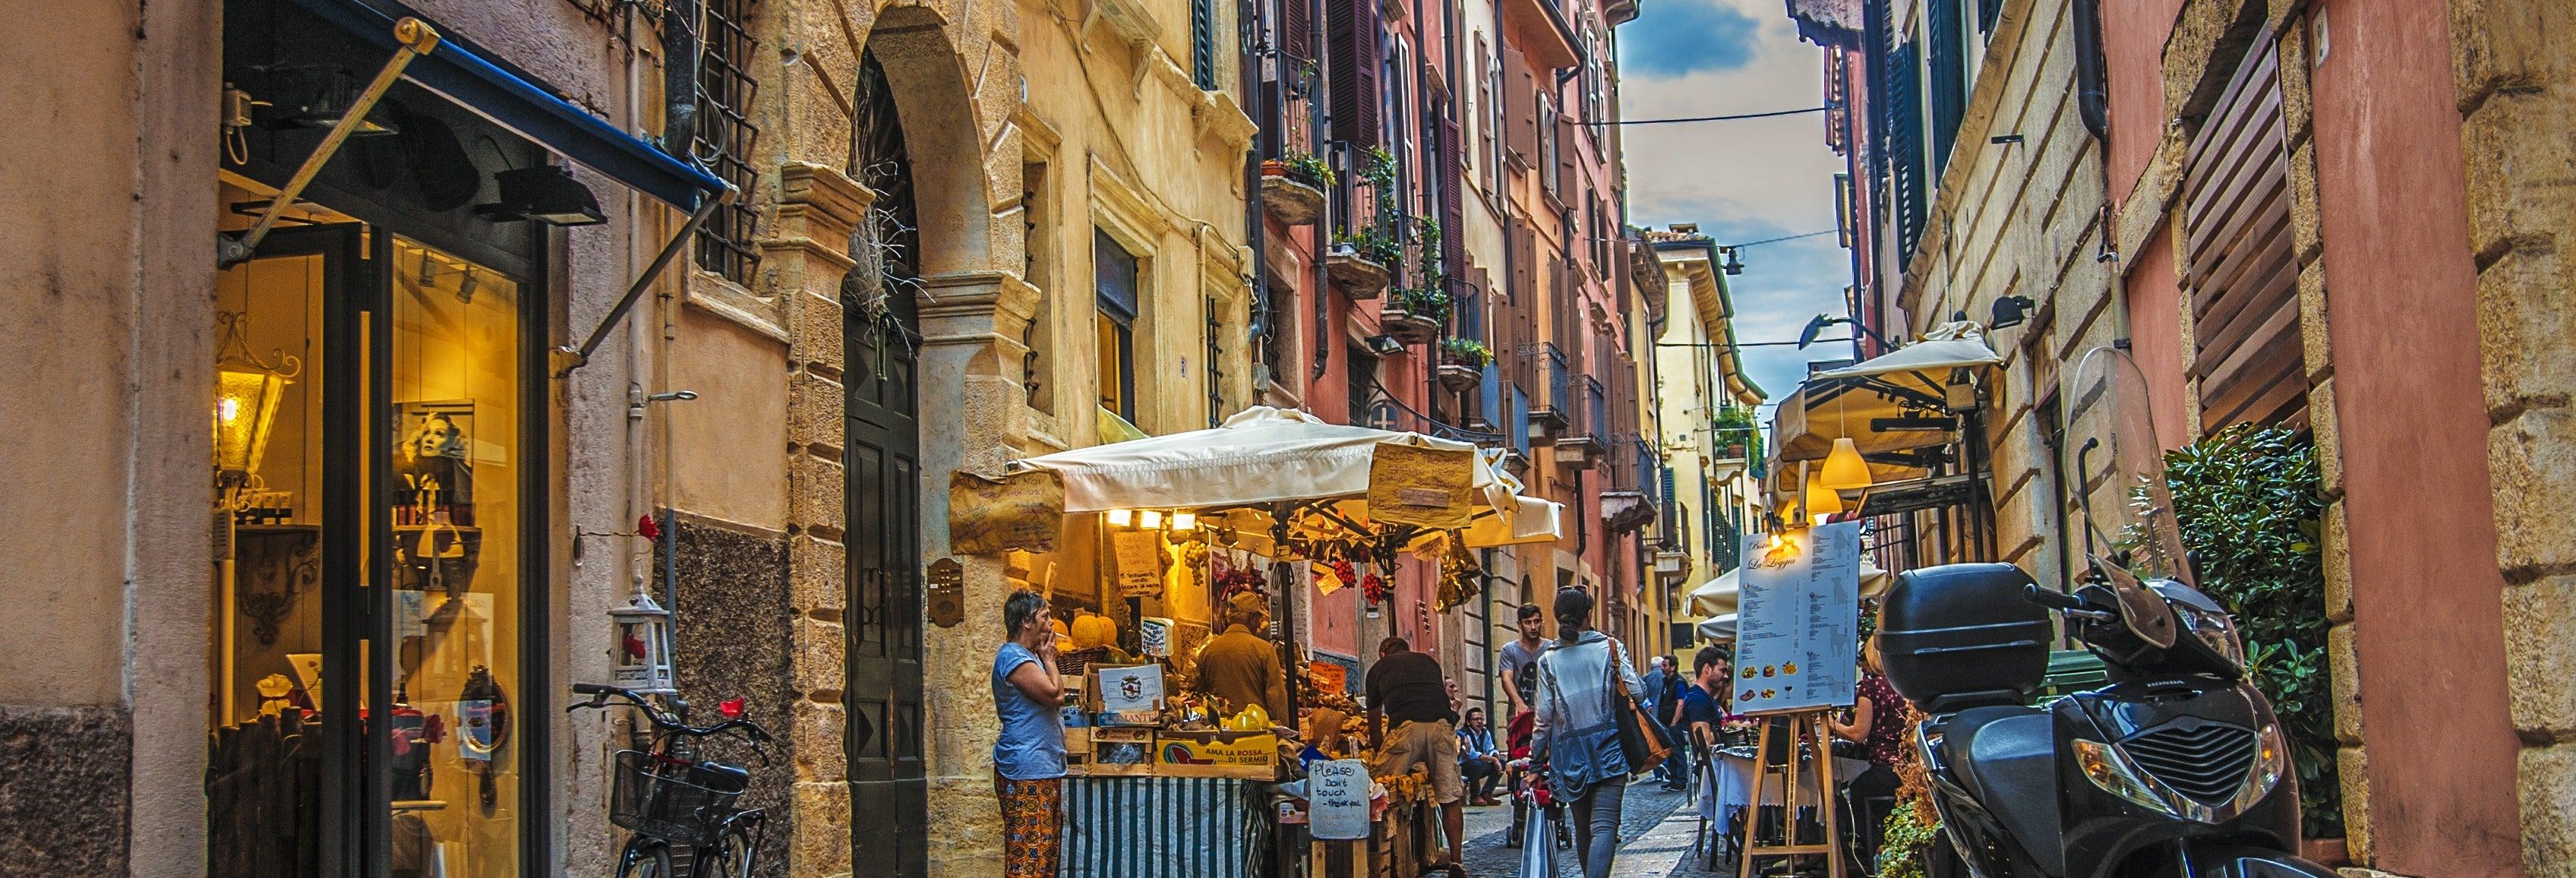 Tour gastronomico di Verona